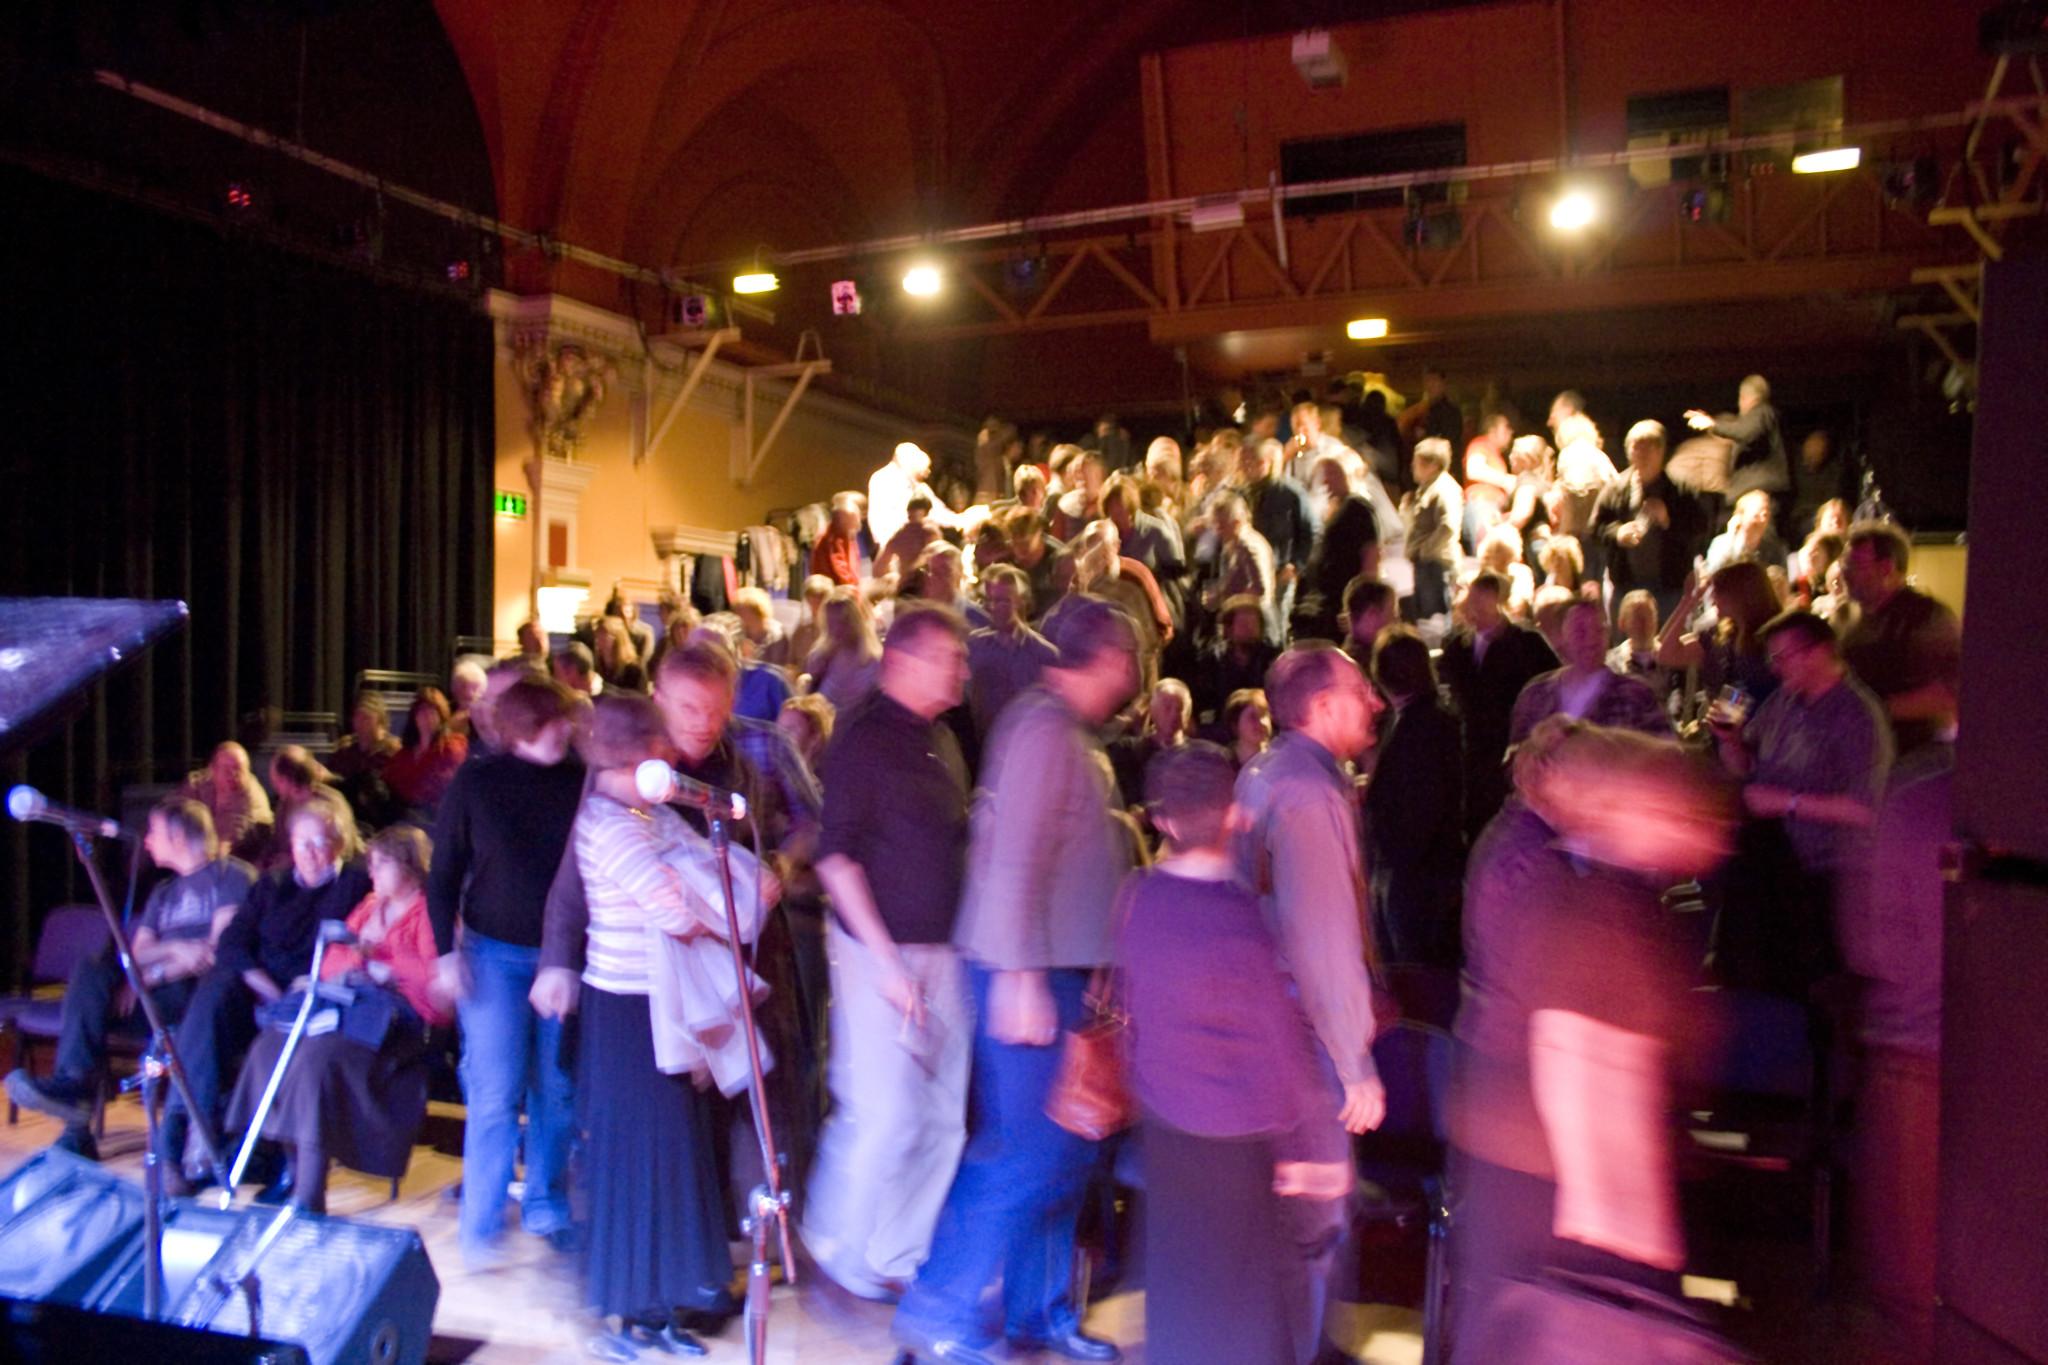 Image showing events atThe Met, Bury